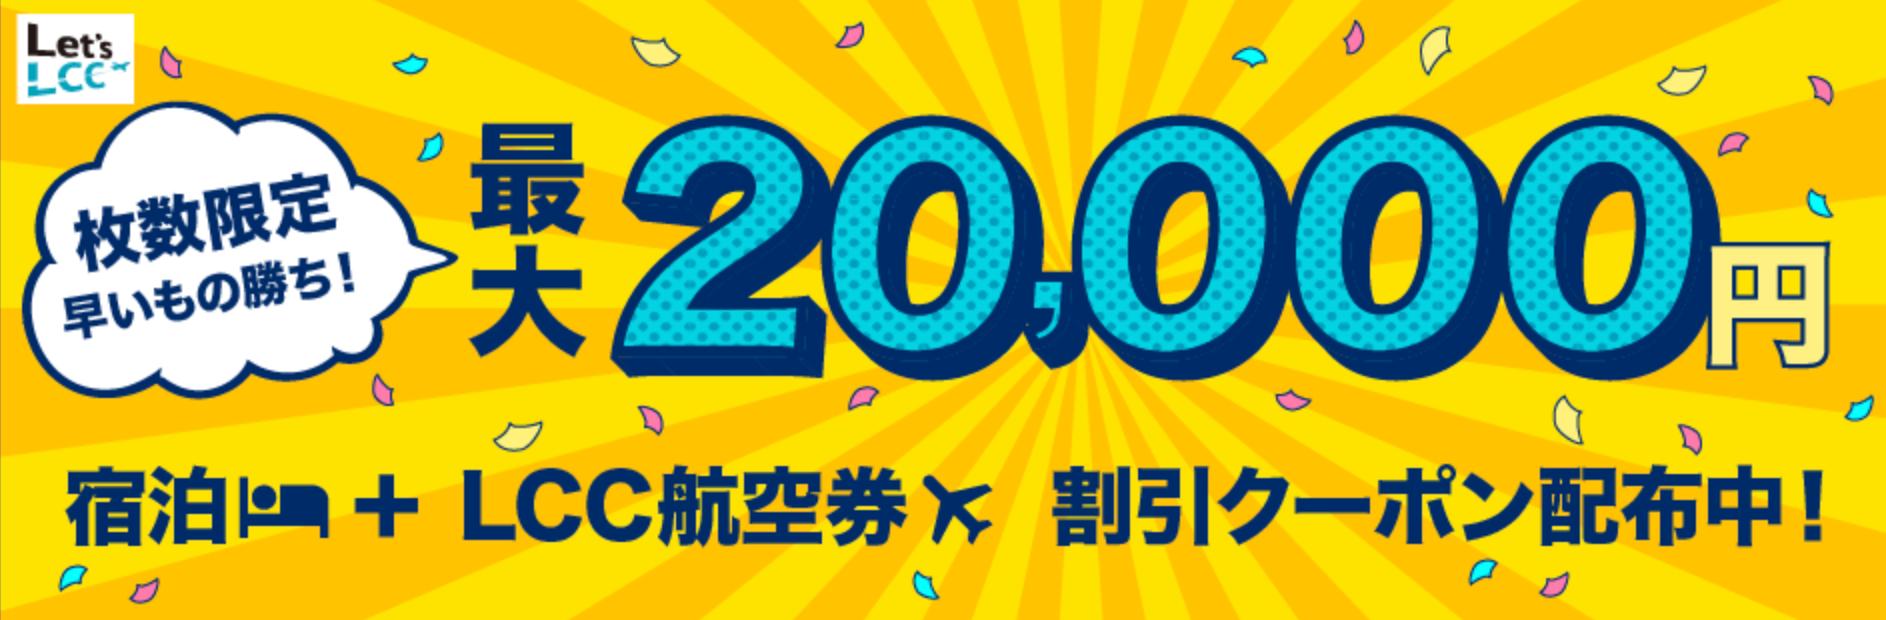 国内ホテル+LCC航空券予約最大20,000円割引クーポン